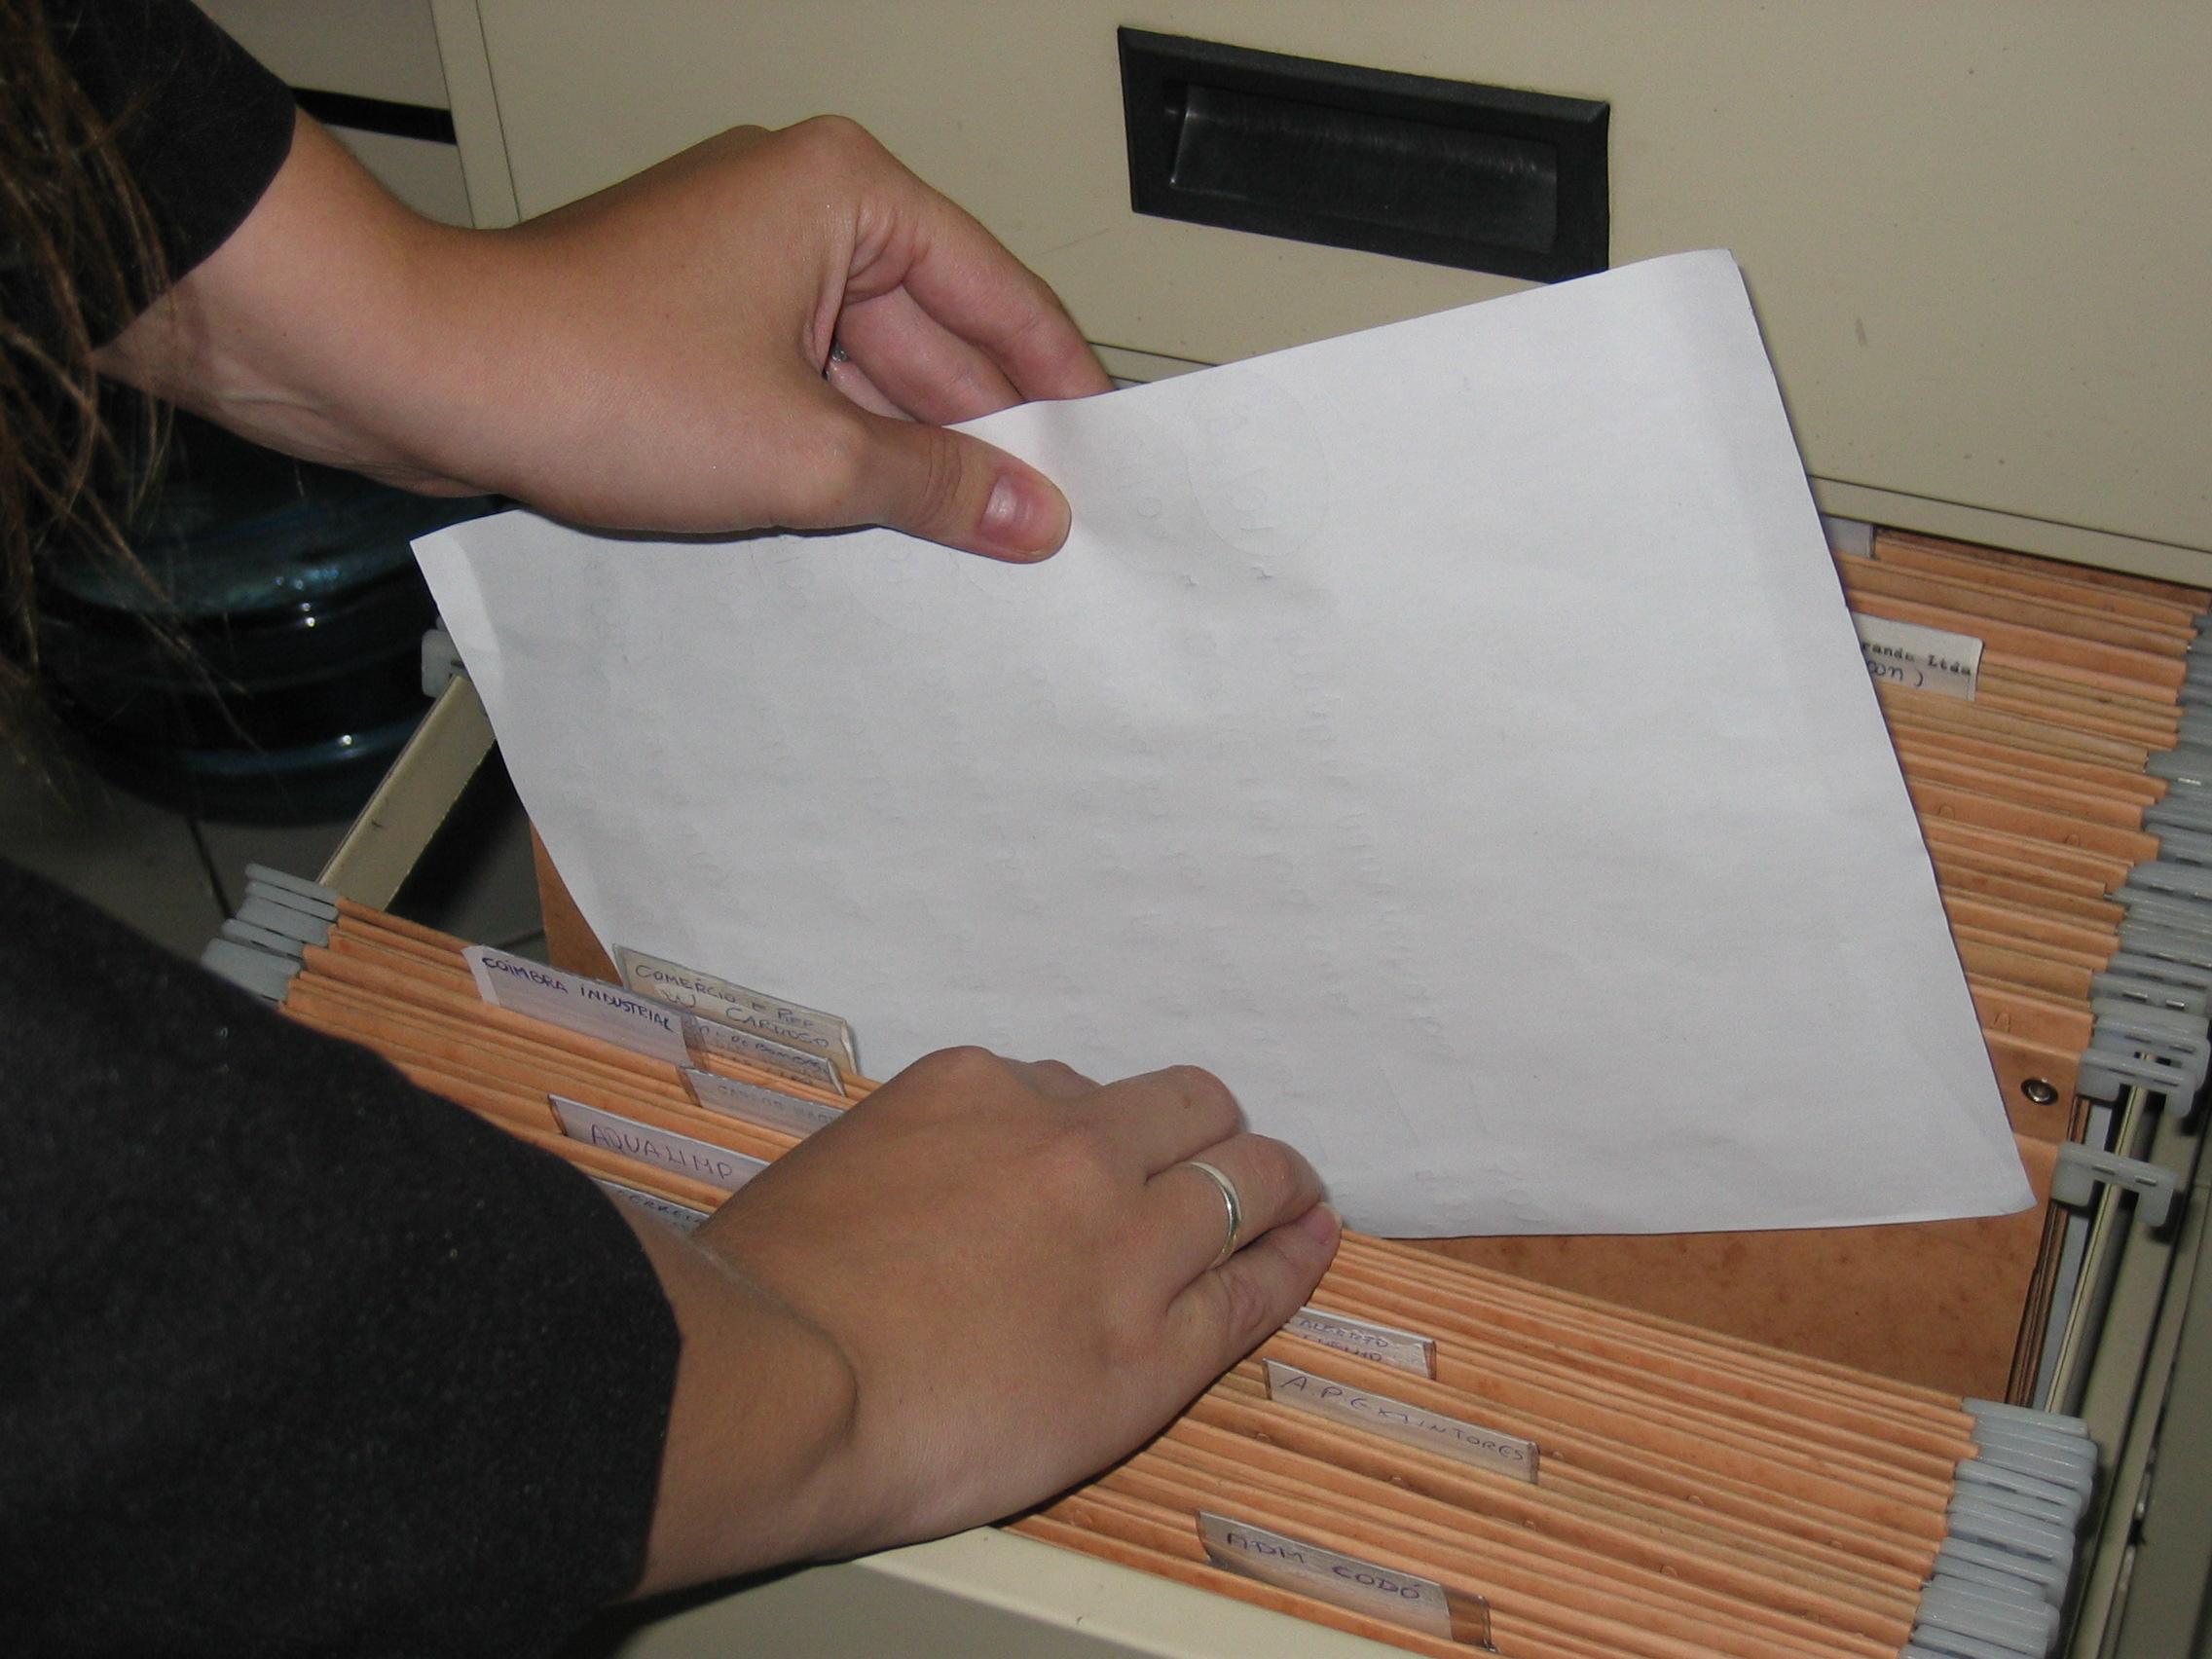 Síndico é responsável pelos documentos do condomínio